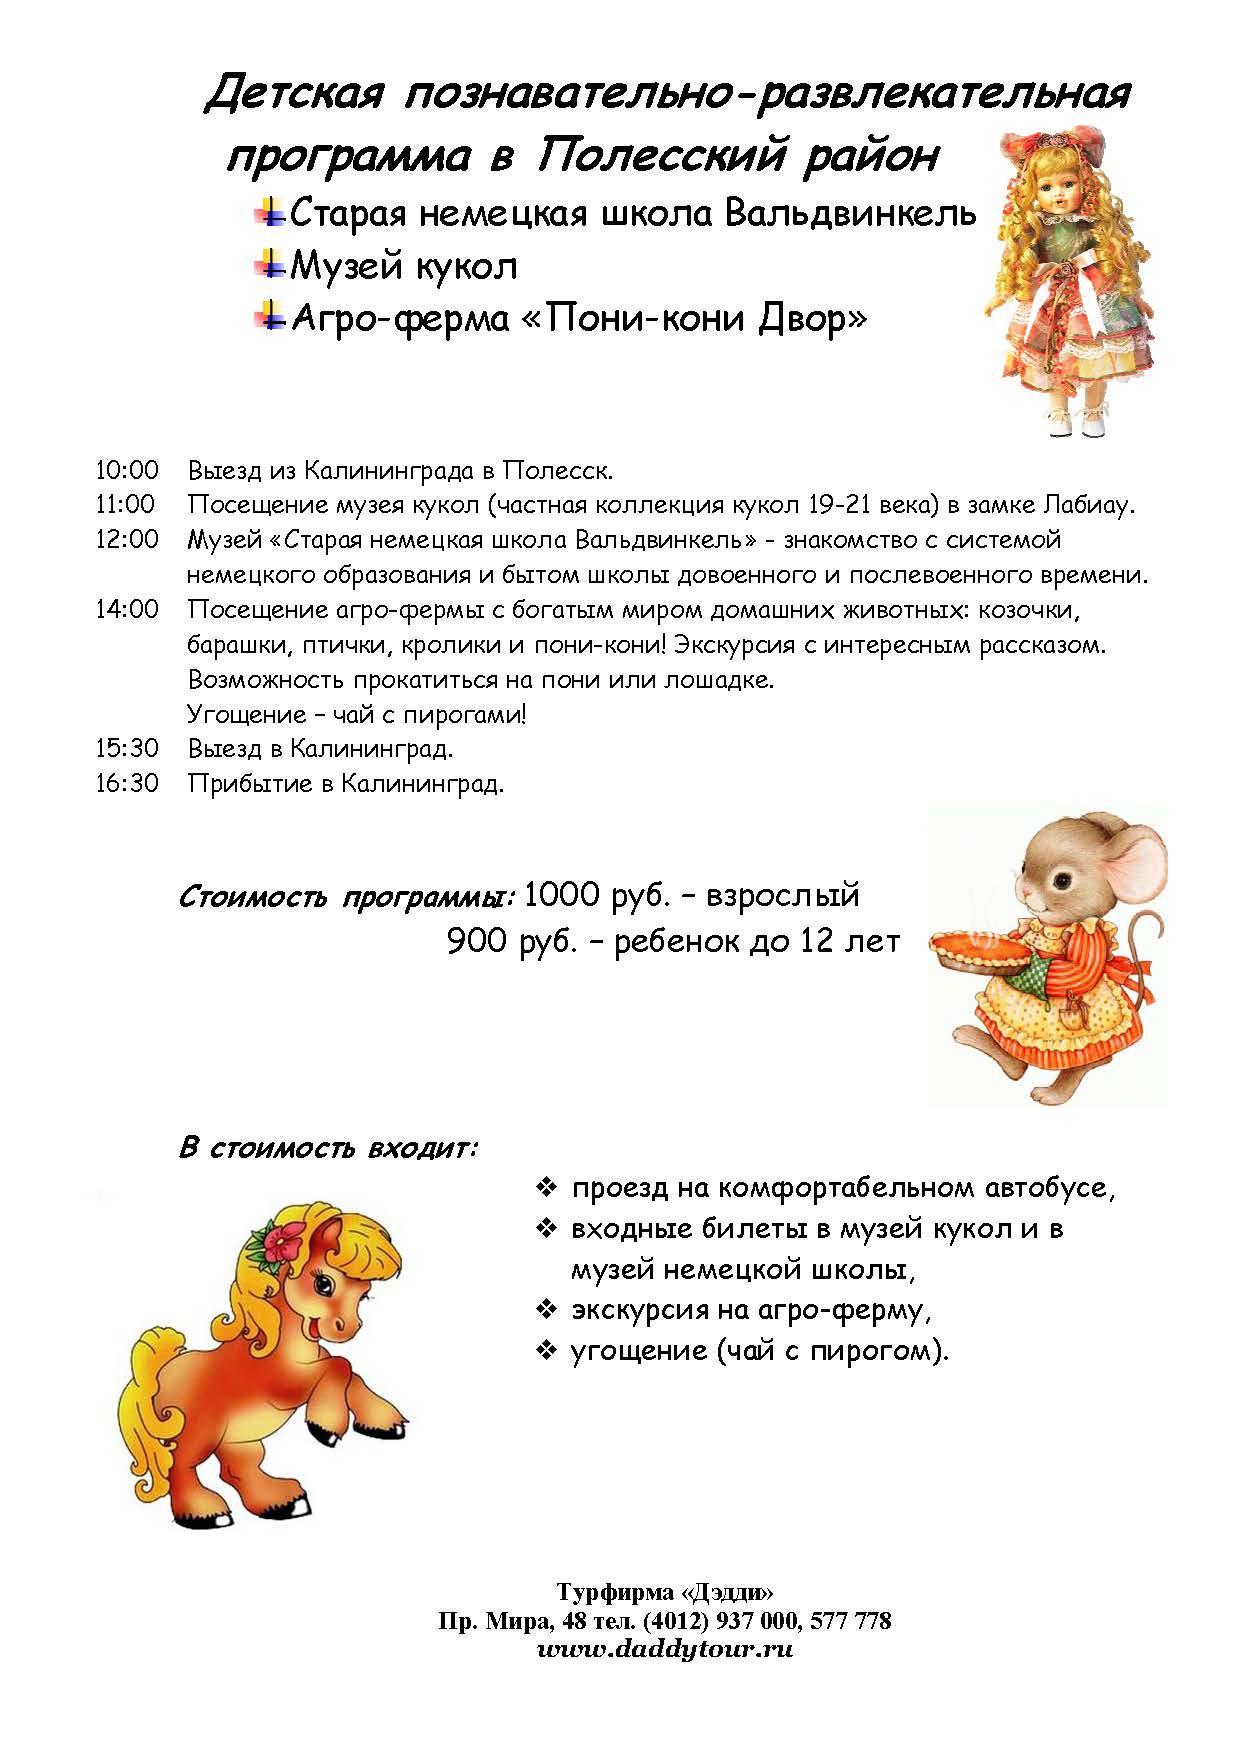 пони-кони (1)